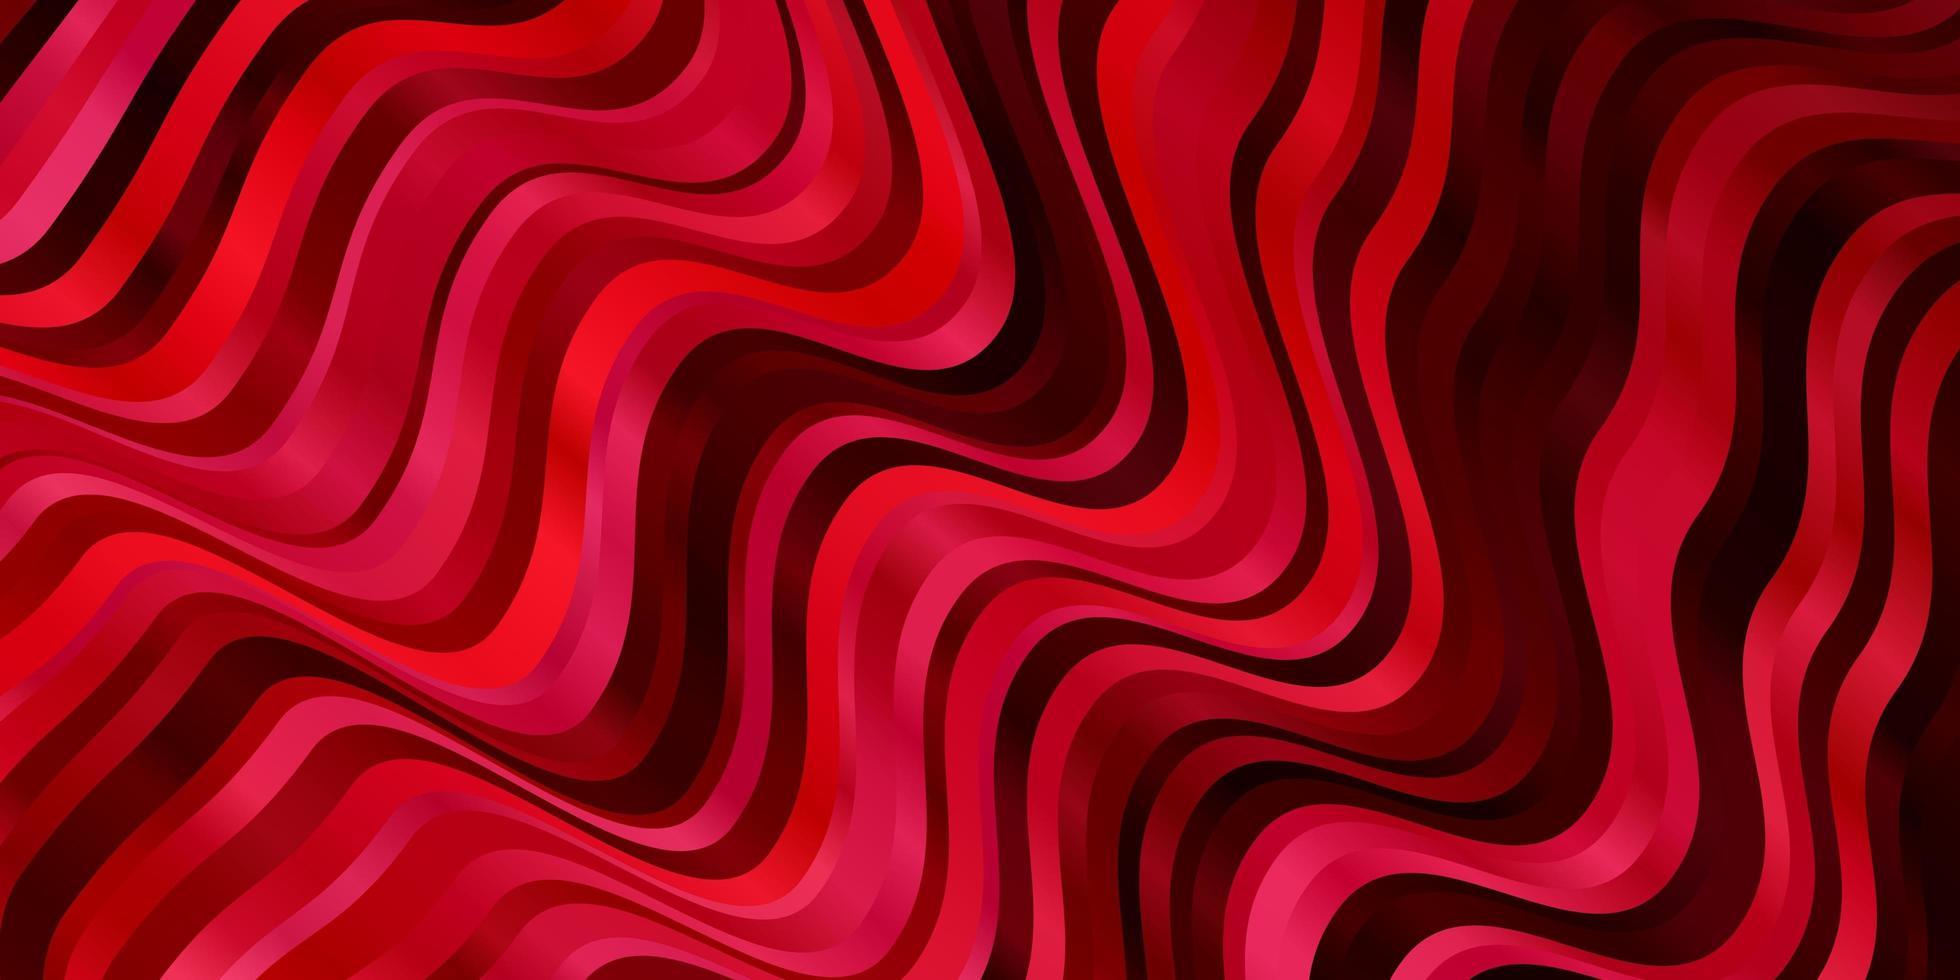 modello rosso con linee curve. vettore